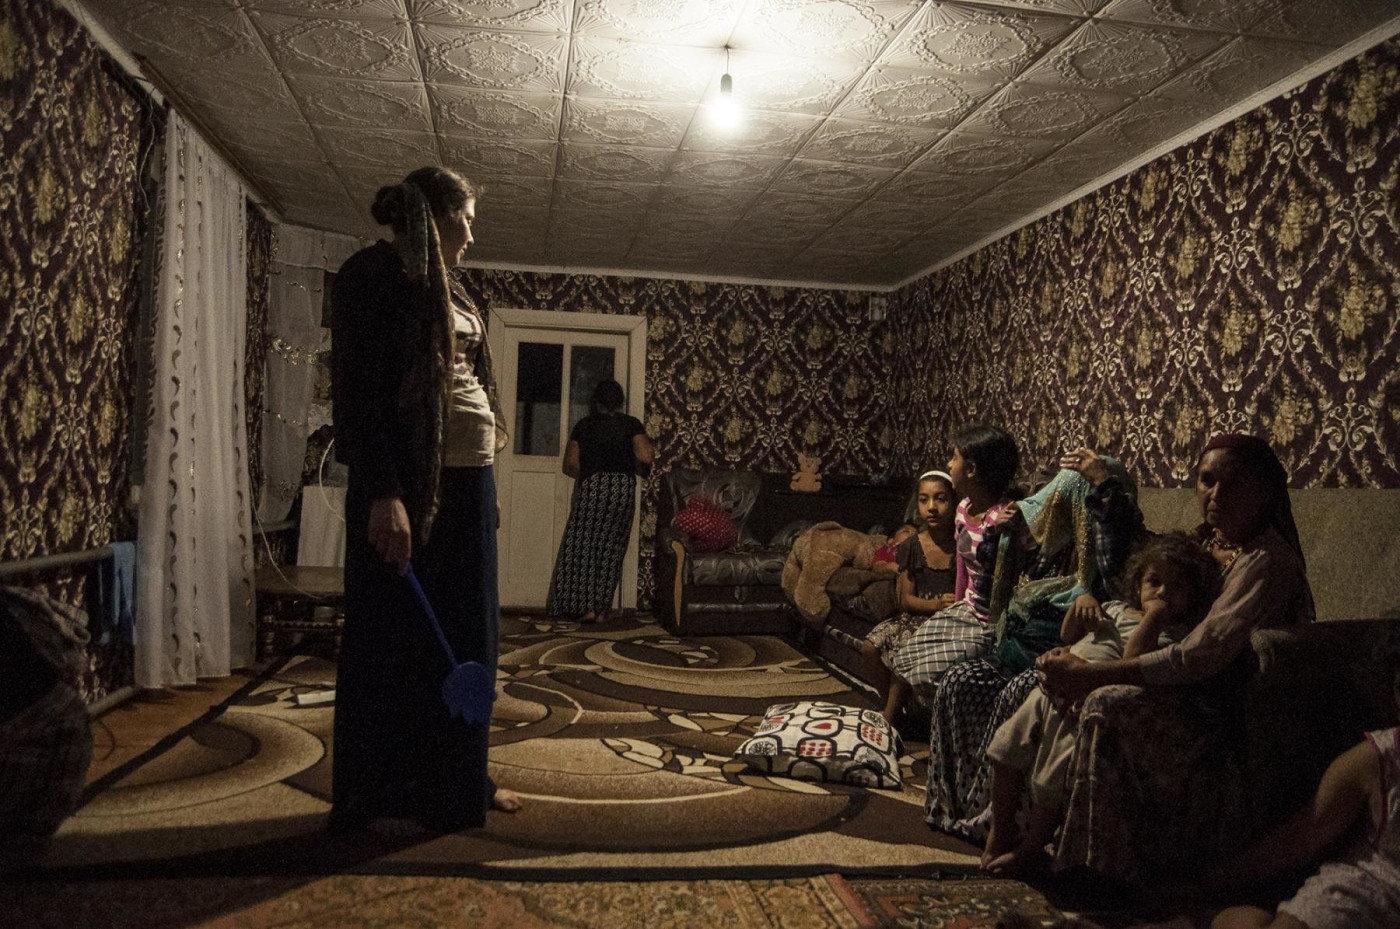 «За преступления одних страдают все». Представитель белгородских цыган — о конфликте в Чемодановке и Уразове, фото-1